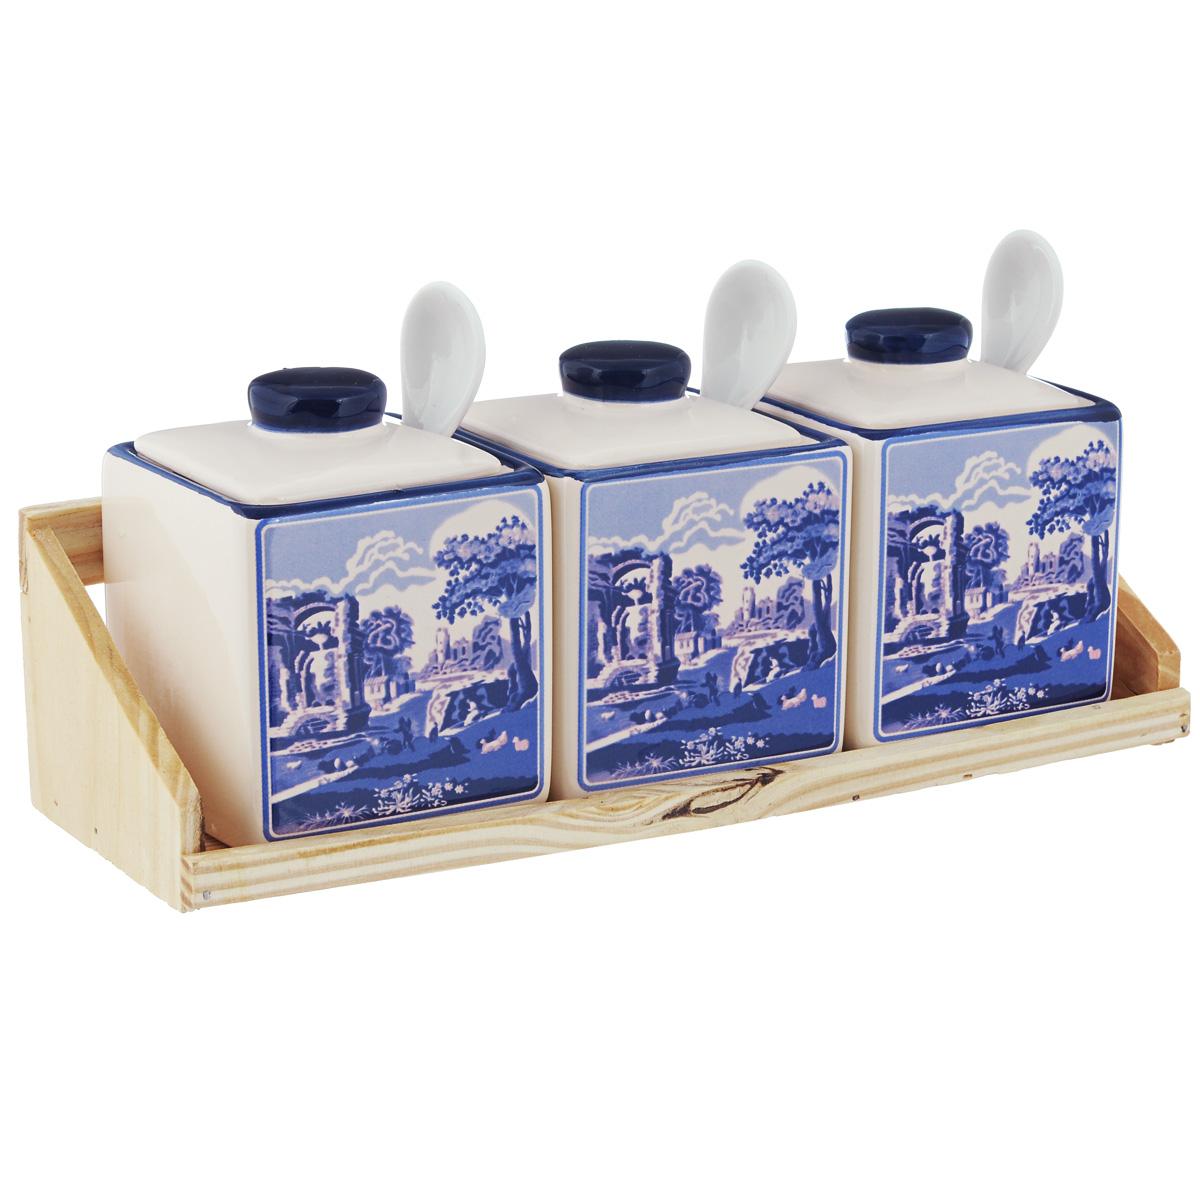 Набор банок для сыпучих продуктов Korall Старый замок, с ложками, на деревянной подставке, 7 предметов750912Набор Korall Старый замок состоит из трех банок для сыпучих продуктов. Изделия выполнены из высококачественной глазурованной керамики, оформленной ярким необычным рисунком в стиле Гжель. Керамика - это экологически чистый материал, который не наносит вред вашему здоровью. Кроме того, этот материал защищает продукты и пищу от образования вредных бактерий, которые могут испортить аромат и вкус пищи. Банки предназначены для хранения различных сыпучих продуктов: орехов, сахара, соли, специй и т.д. В комплекте - три керамические ложки, для которых предусмотрены специальные выемки на крышках. Изделия устанавливаются на деревянную подставку. Набор Korall Старый замок - это привлекательный внешний вид, прочность и универсальность. Набор гармонично вписывается в любой интерьер, дополняя его и делая максимально комфортным. Отличается особым очарованием, неповторимым стилем и манящим изяществом. Размер банки: 7,3 см х 7,3 см х 7,5 см. ...